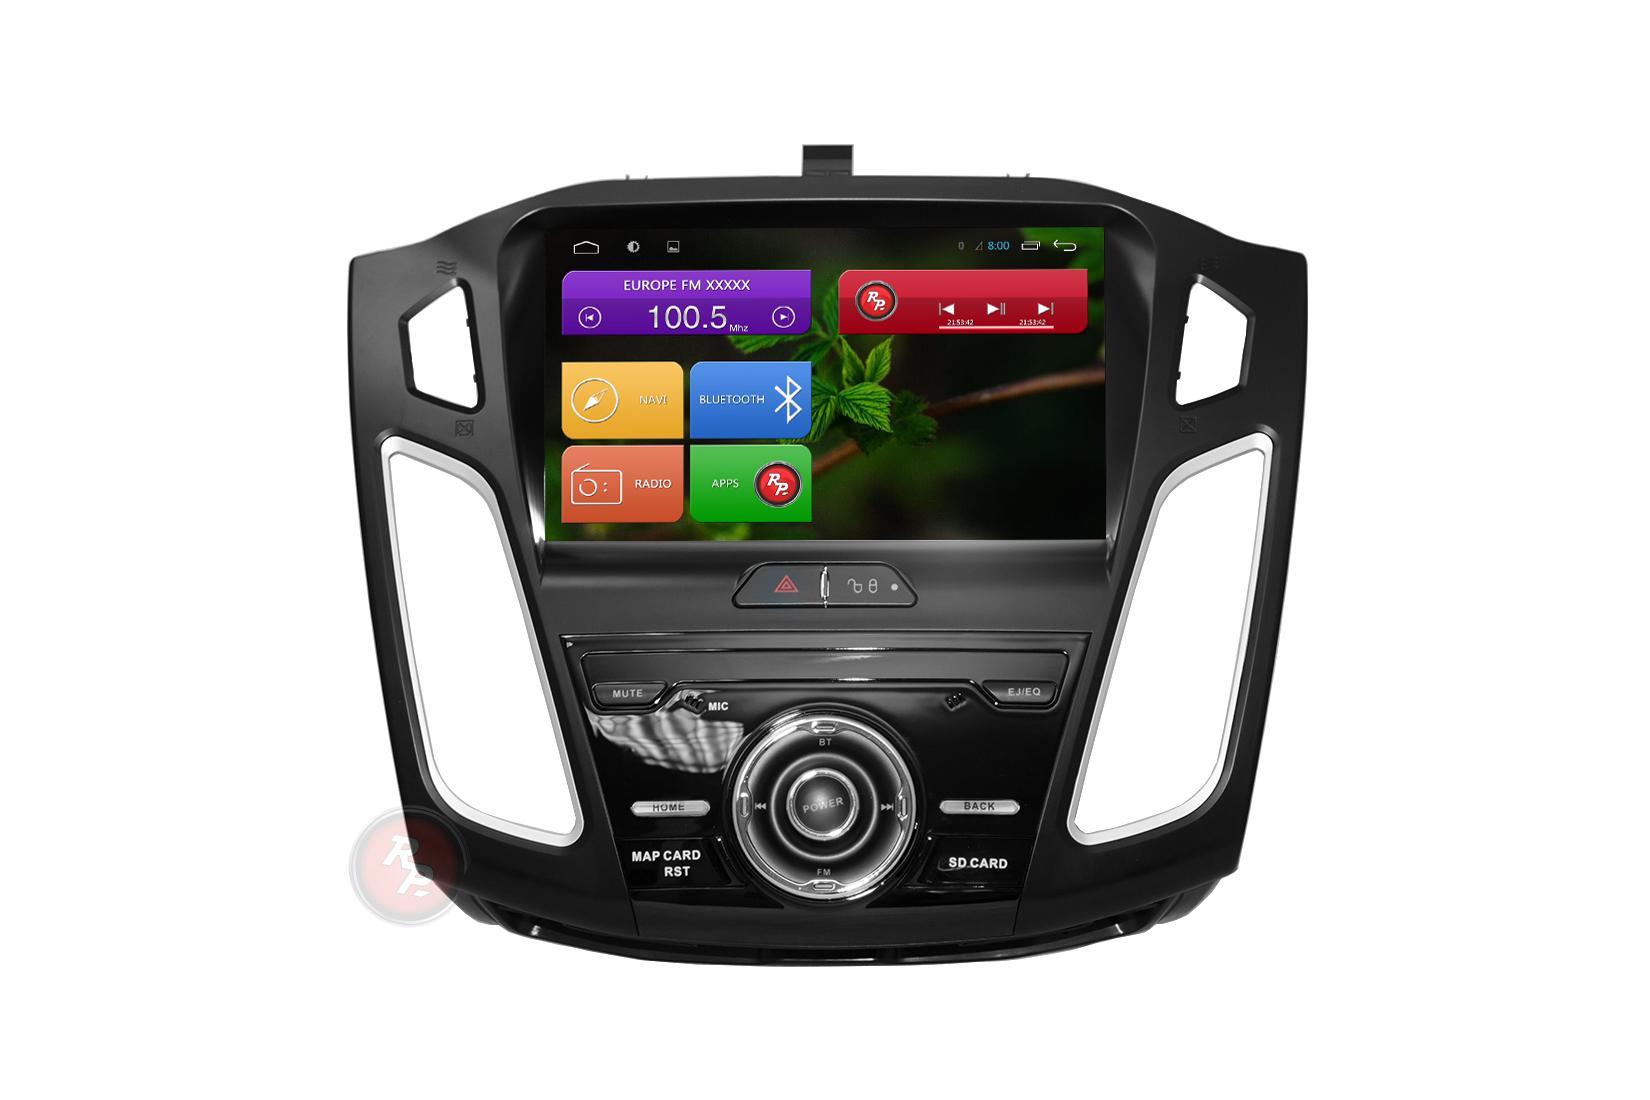 Штатная магнитола RedPower 31150 IPS Ford Focus 3 (2012+) штатная магнитола redpower 31082 ips bmw 3 серия 2009 2012 кузов e90 рестайл